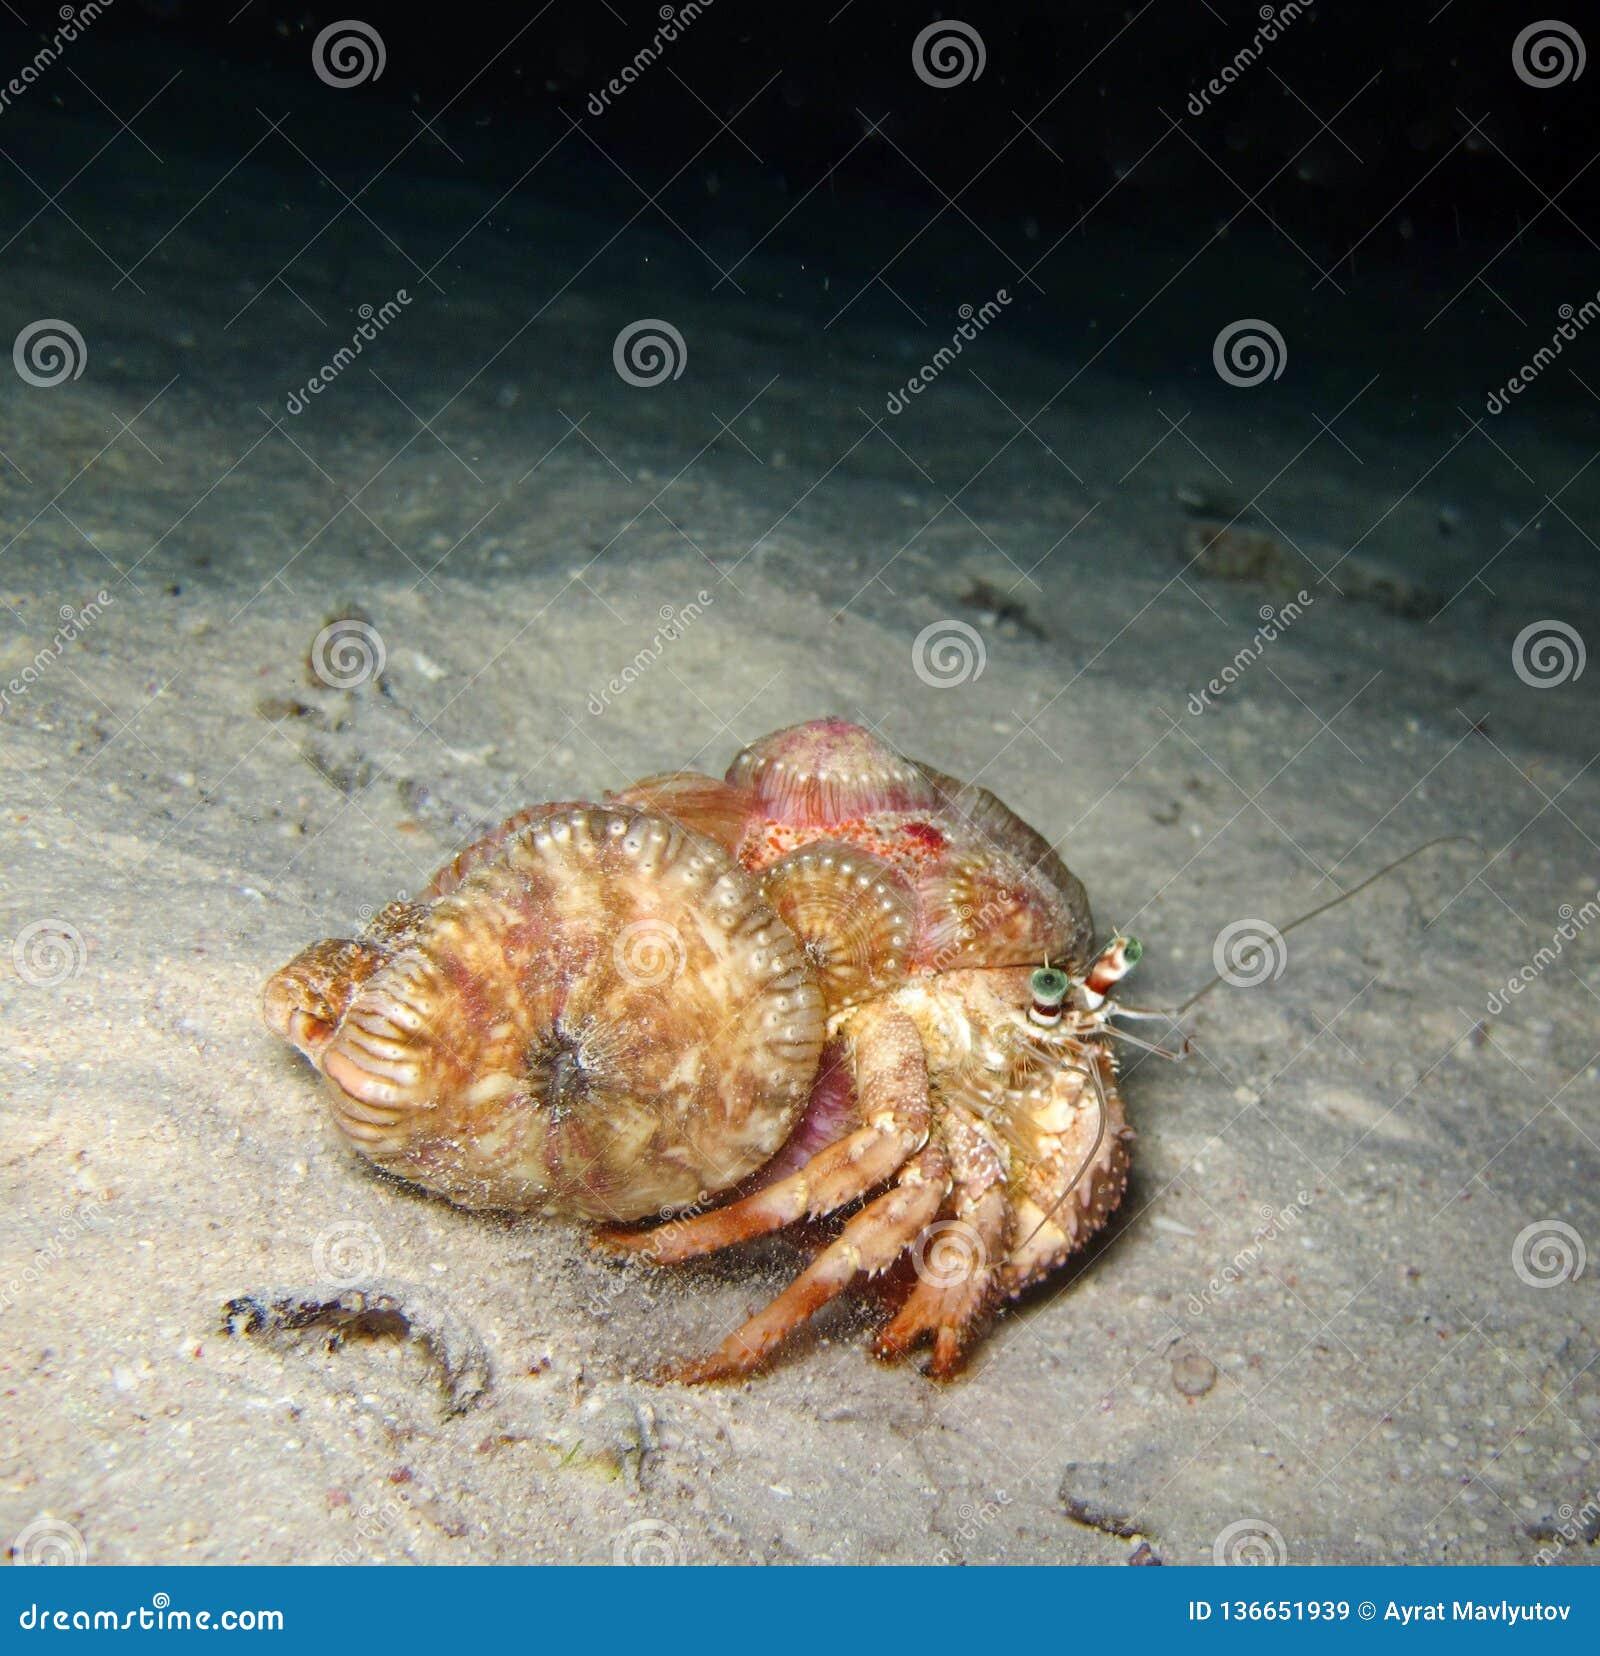 Ο υποβρύχιος κόσμος στα βαθιά νερά στην κοραλλιογενή ύφαλο και τις εγκαταστάσεις ανθίζει τη χλωρίδα στην μπλε παγκόσμια θαλάσσια